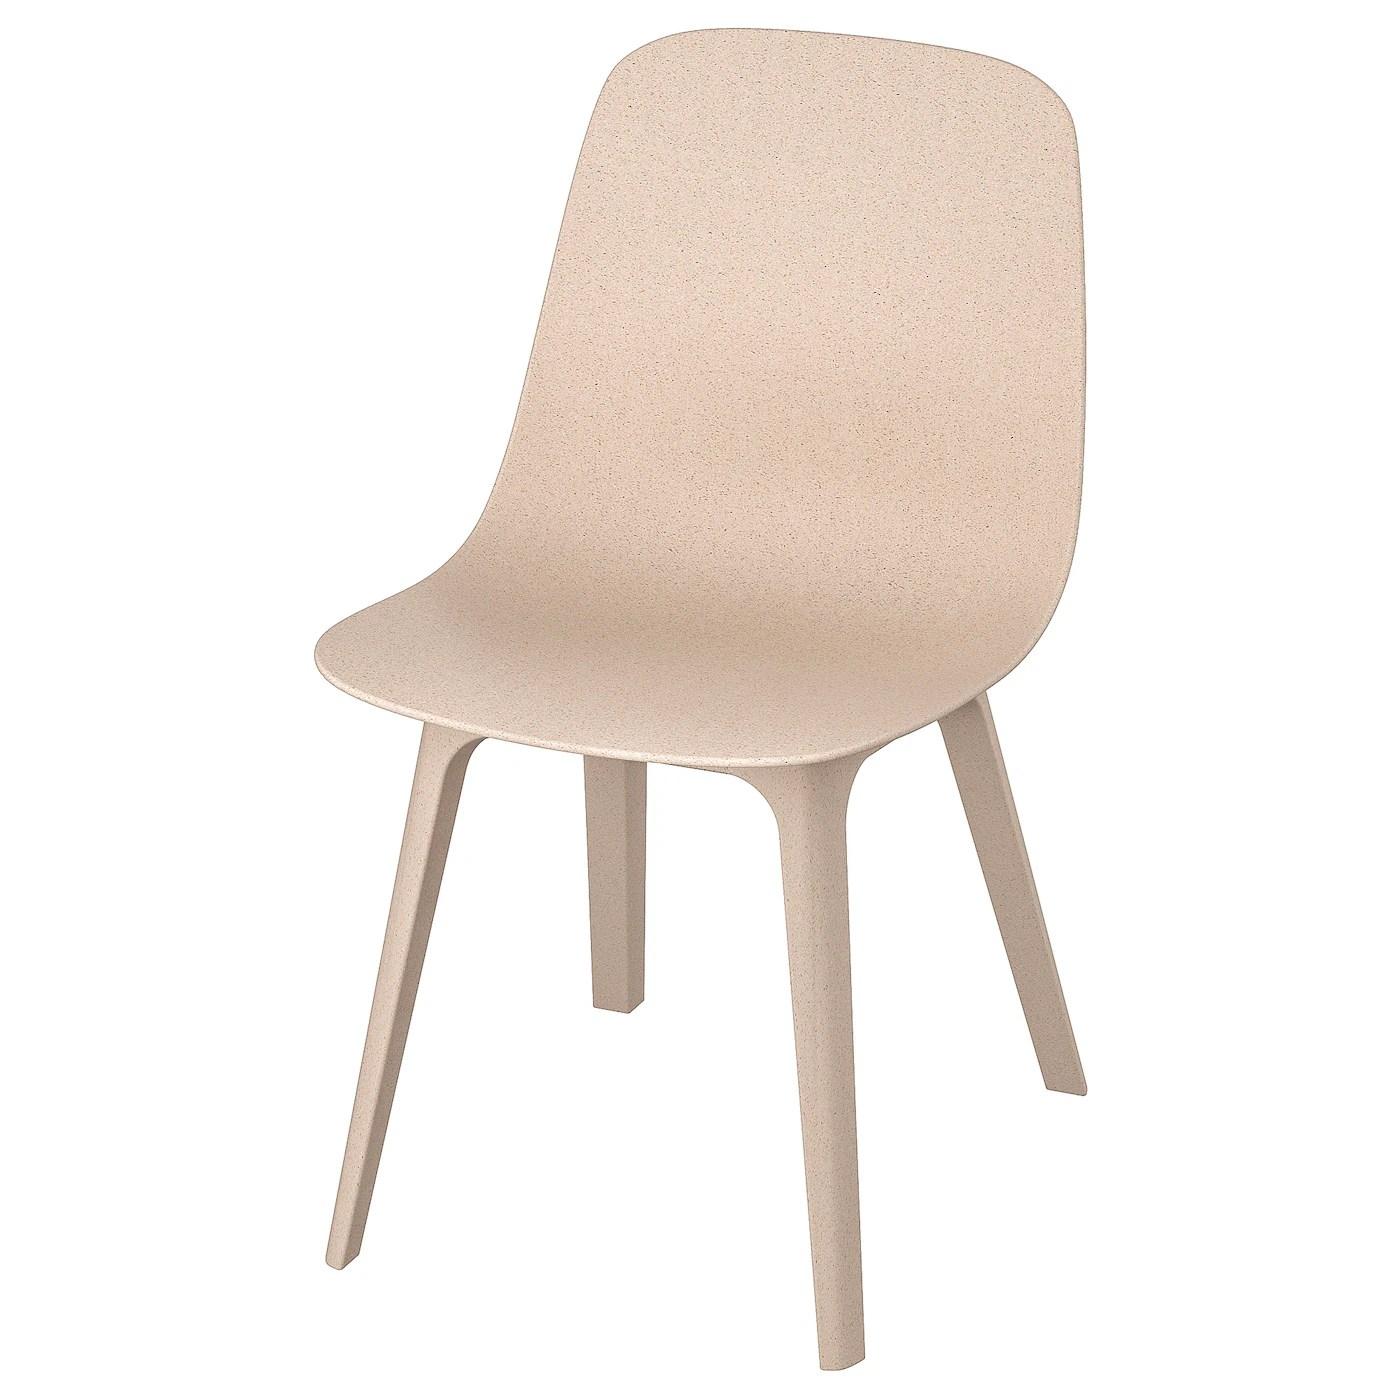 Il termine chaise longue indica una forma particolare di divano imbottito che richiama la forma di una sedia sufficientemente lunga per sostenere entrambe le. Sedie Sala Da Pranzo Ikea It